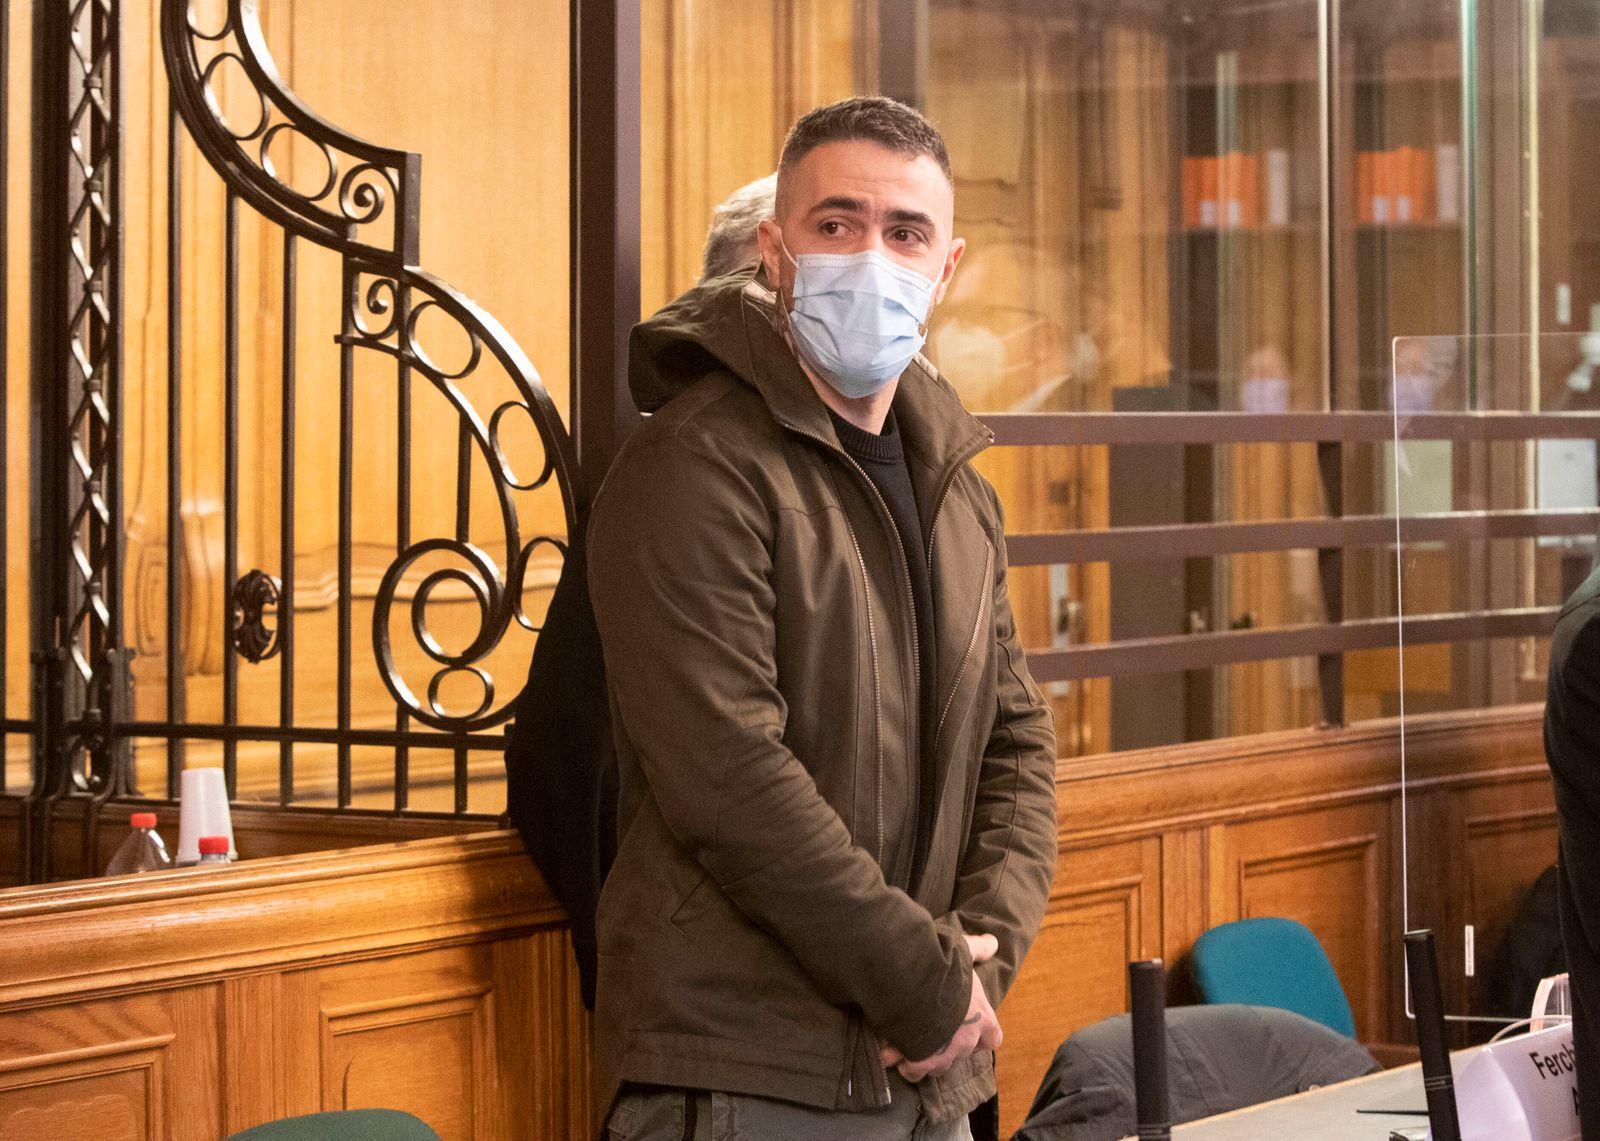 Bild-Motiv: Bushido Berlin den 25.01.2021 09.30 Strafkammer 38, Saal 500 Delikt: versuchte schwere raeuberische Erpressu